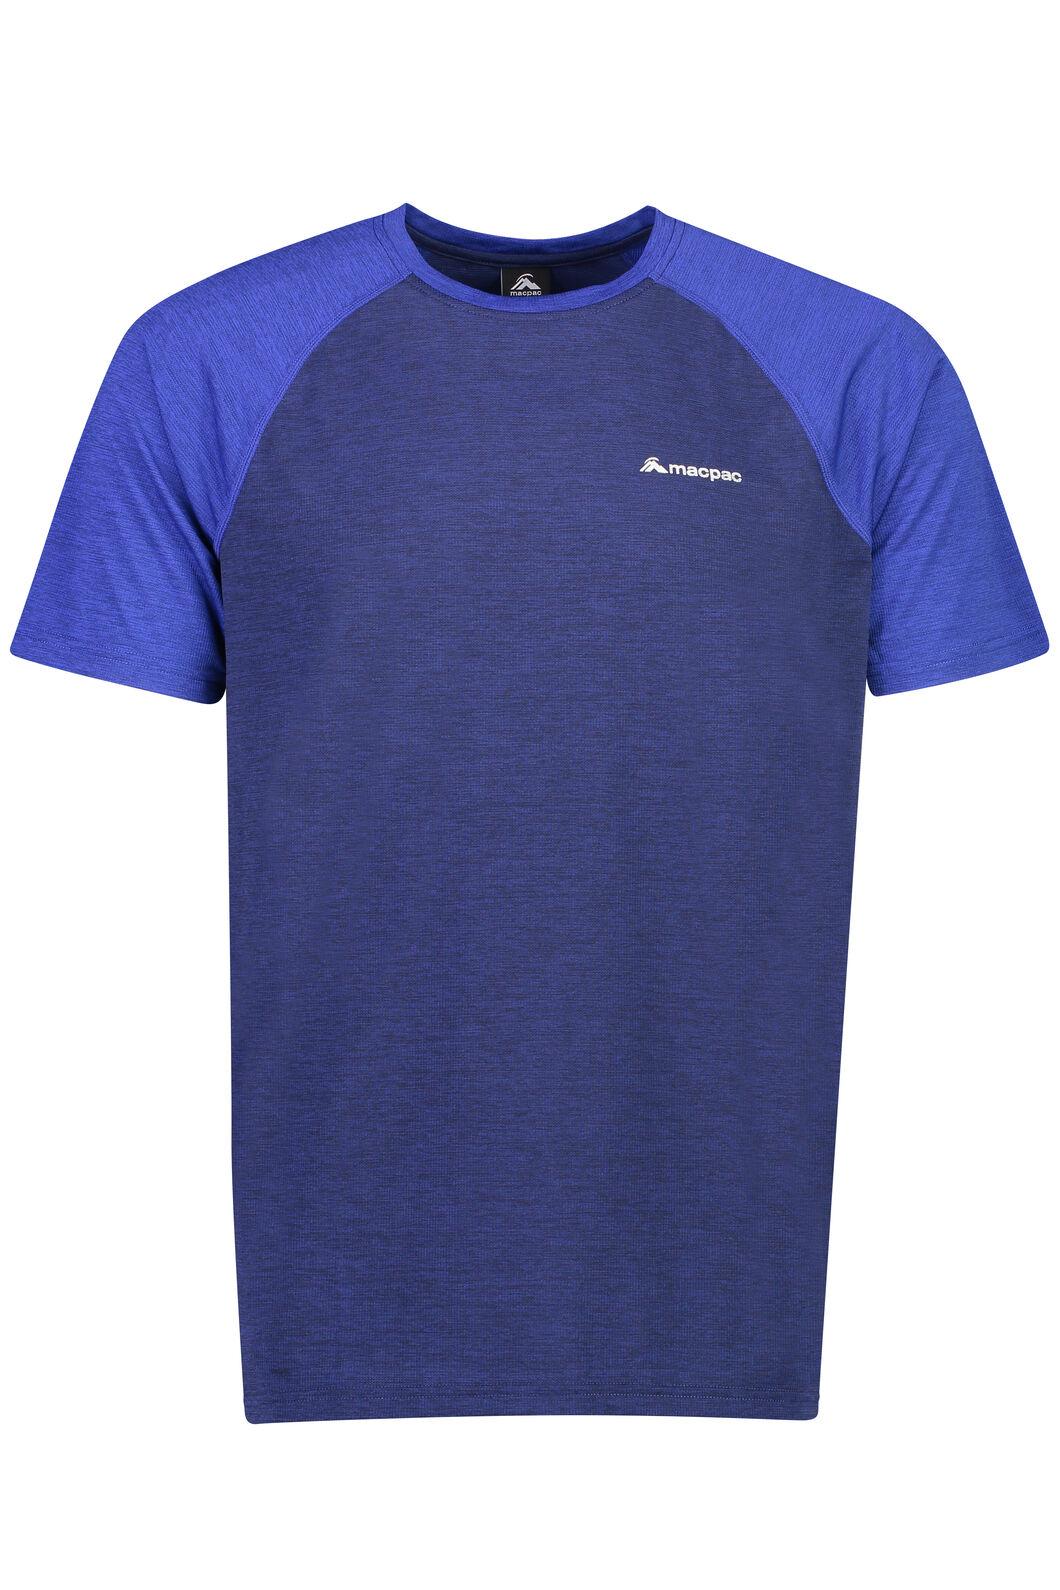 Take a Hike Short Sleeve Top - Men's, Medieval Blue, hi-res